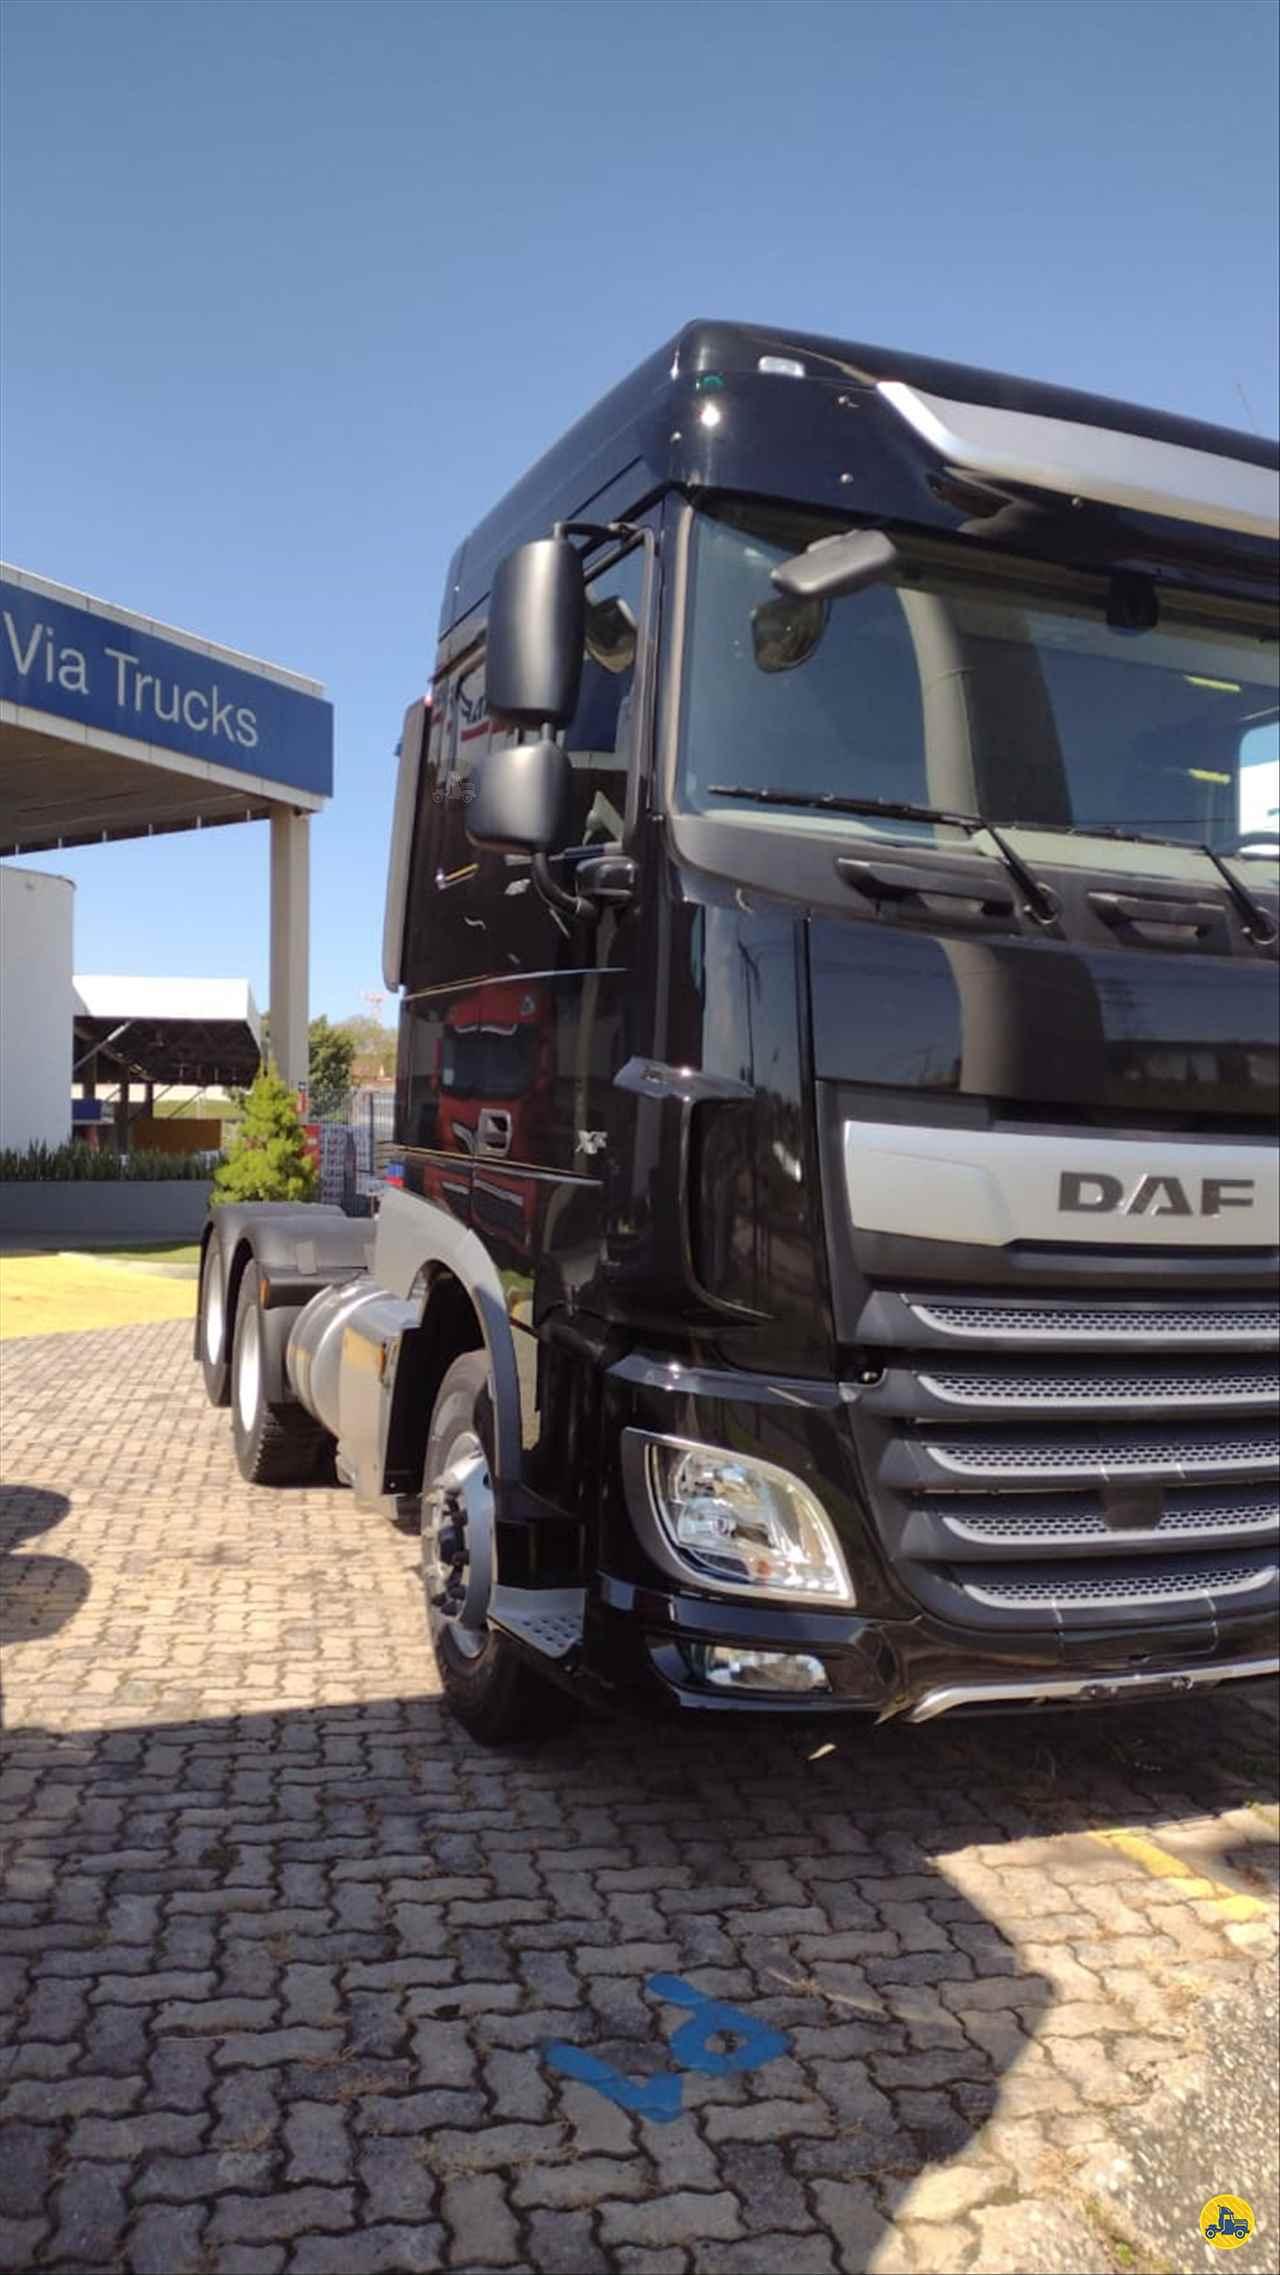 CAMINHAO DAF DAF XF 480 Cavalo Mecânico Truck 6x2 Caminhões Certos CONTAGEM MINAS GERAIS MG